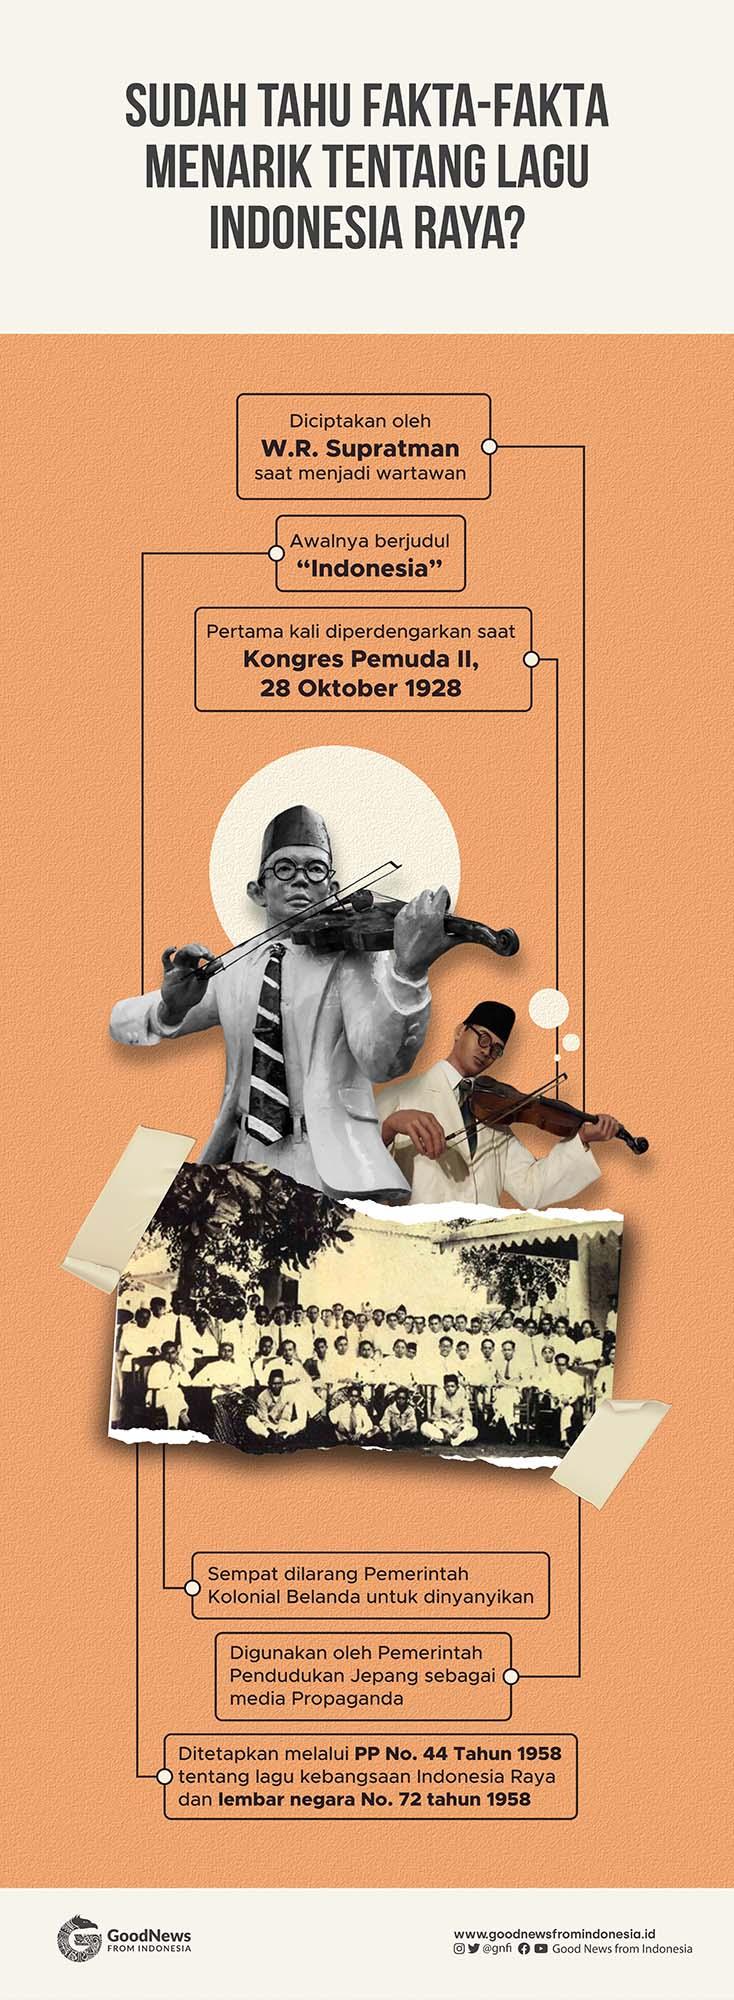 Fakta Menarik Tentang Lagu Indonesia Raya